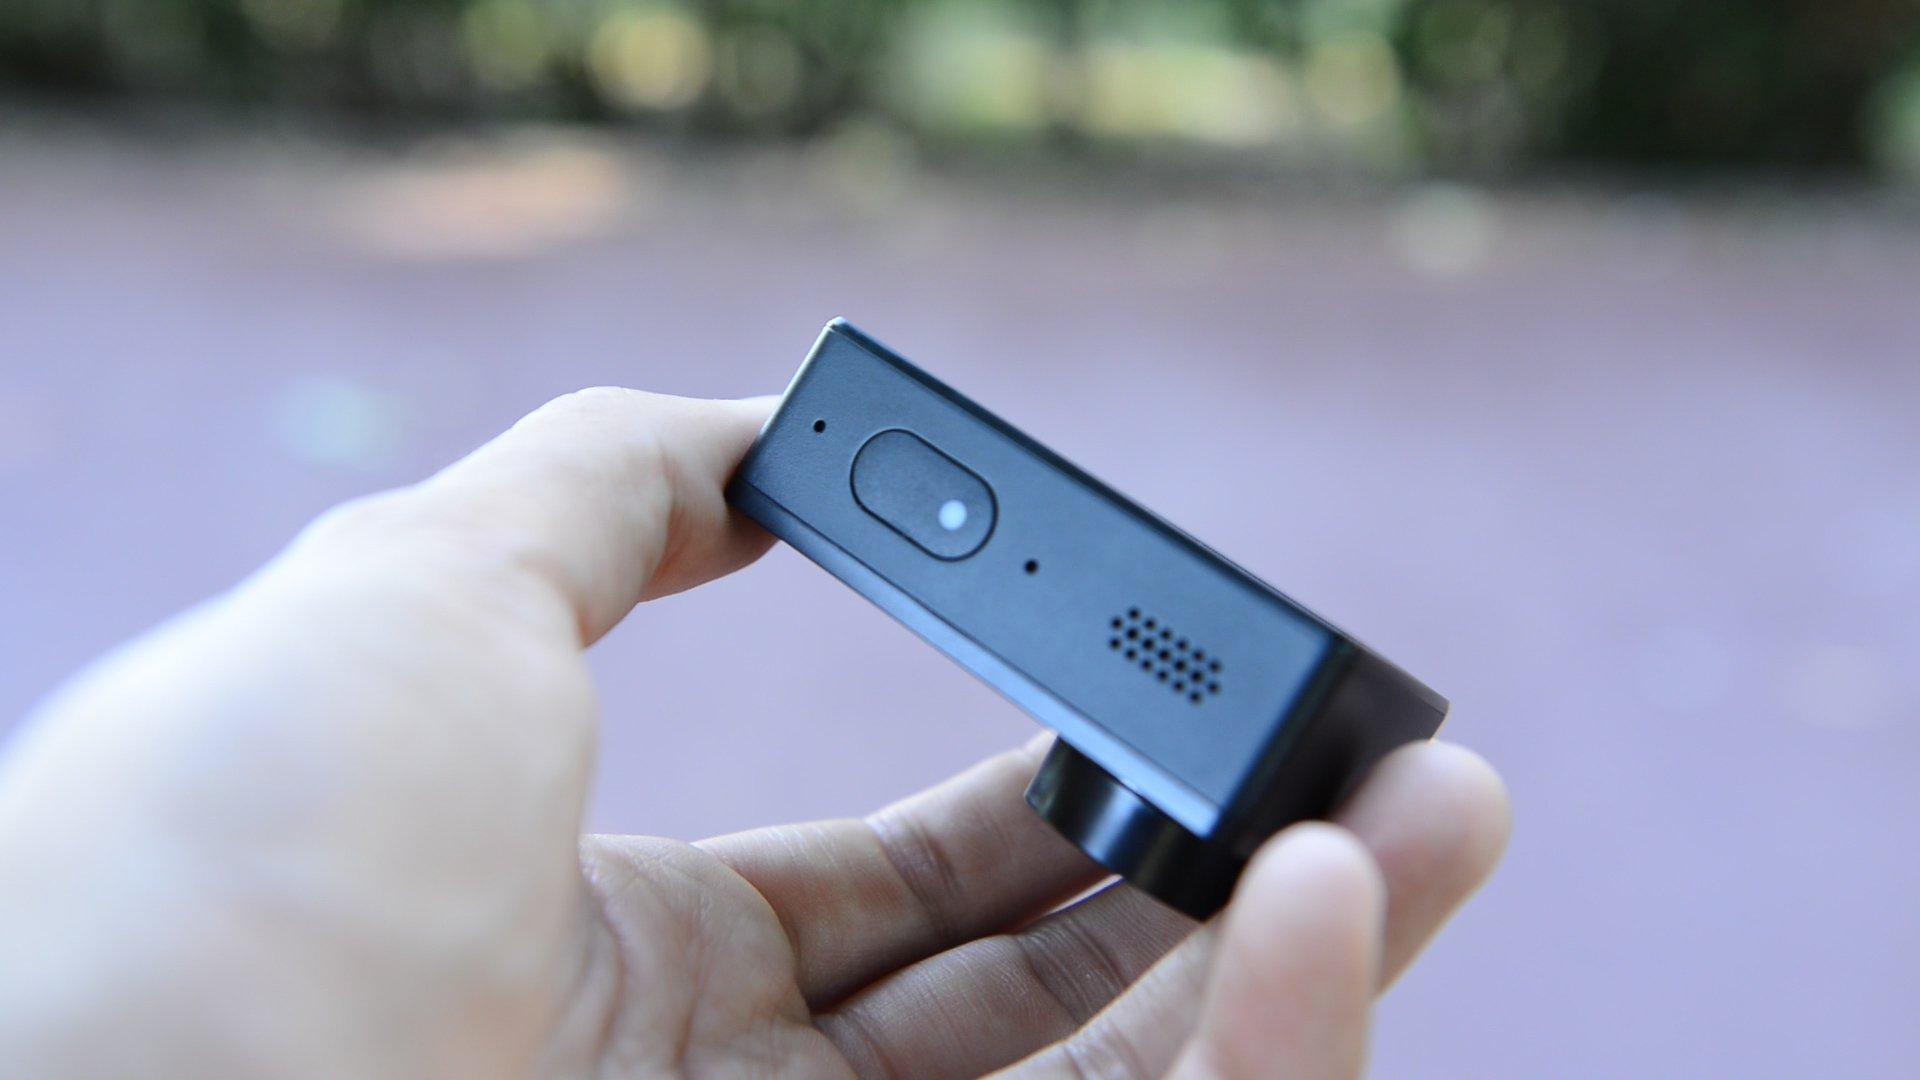 xiaomi-yi-camera-4k-6